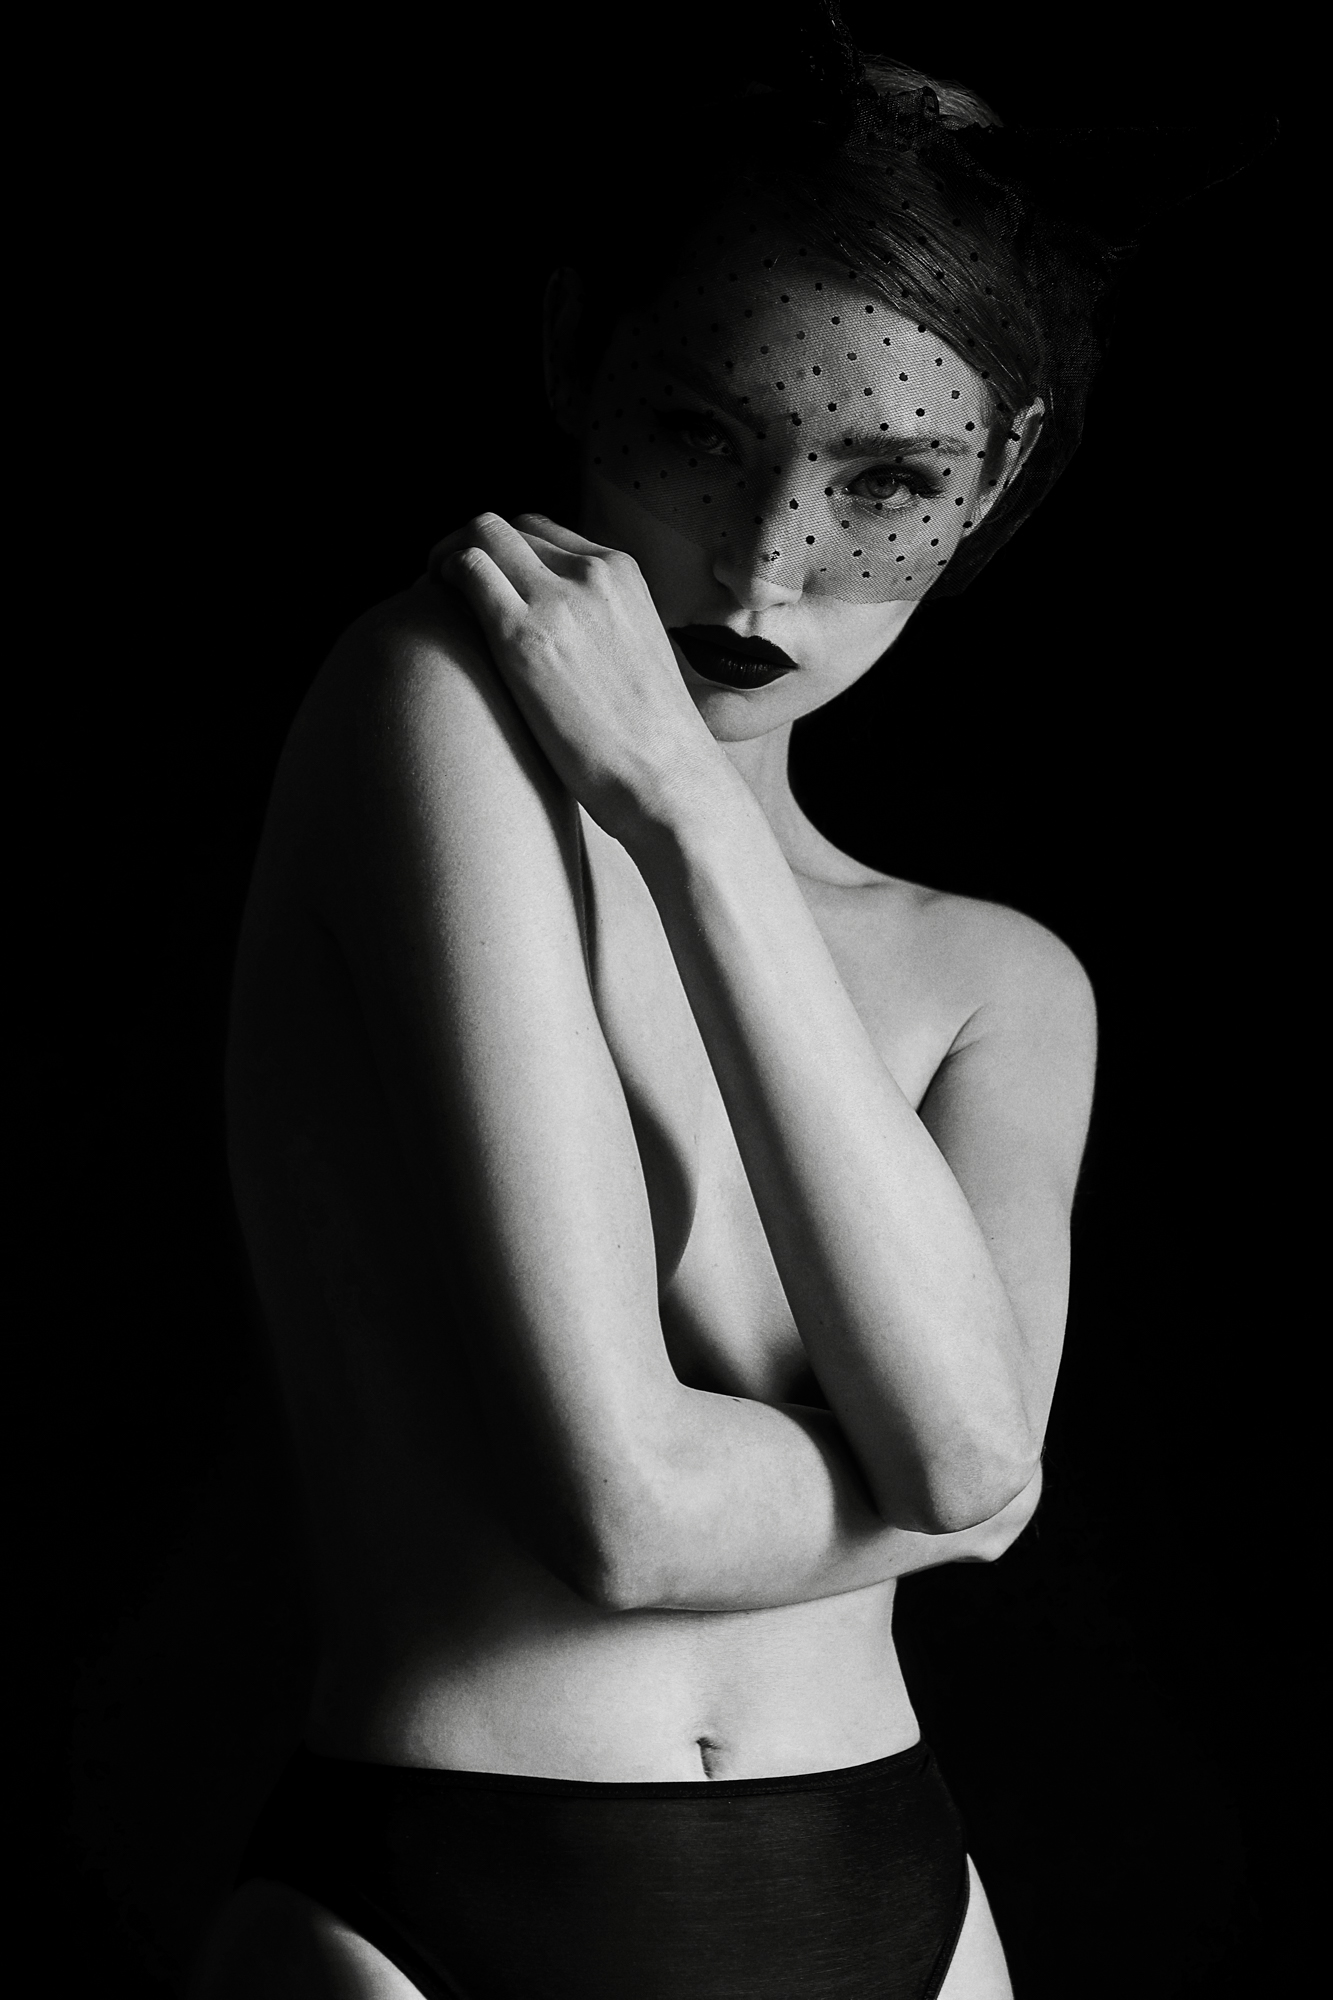 Annie Van Rickley